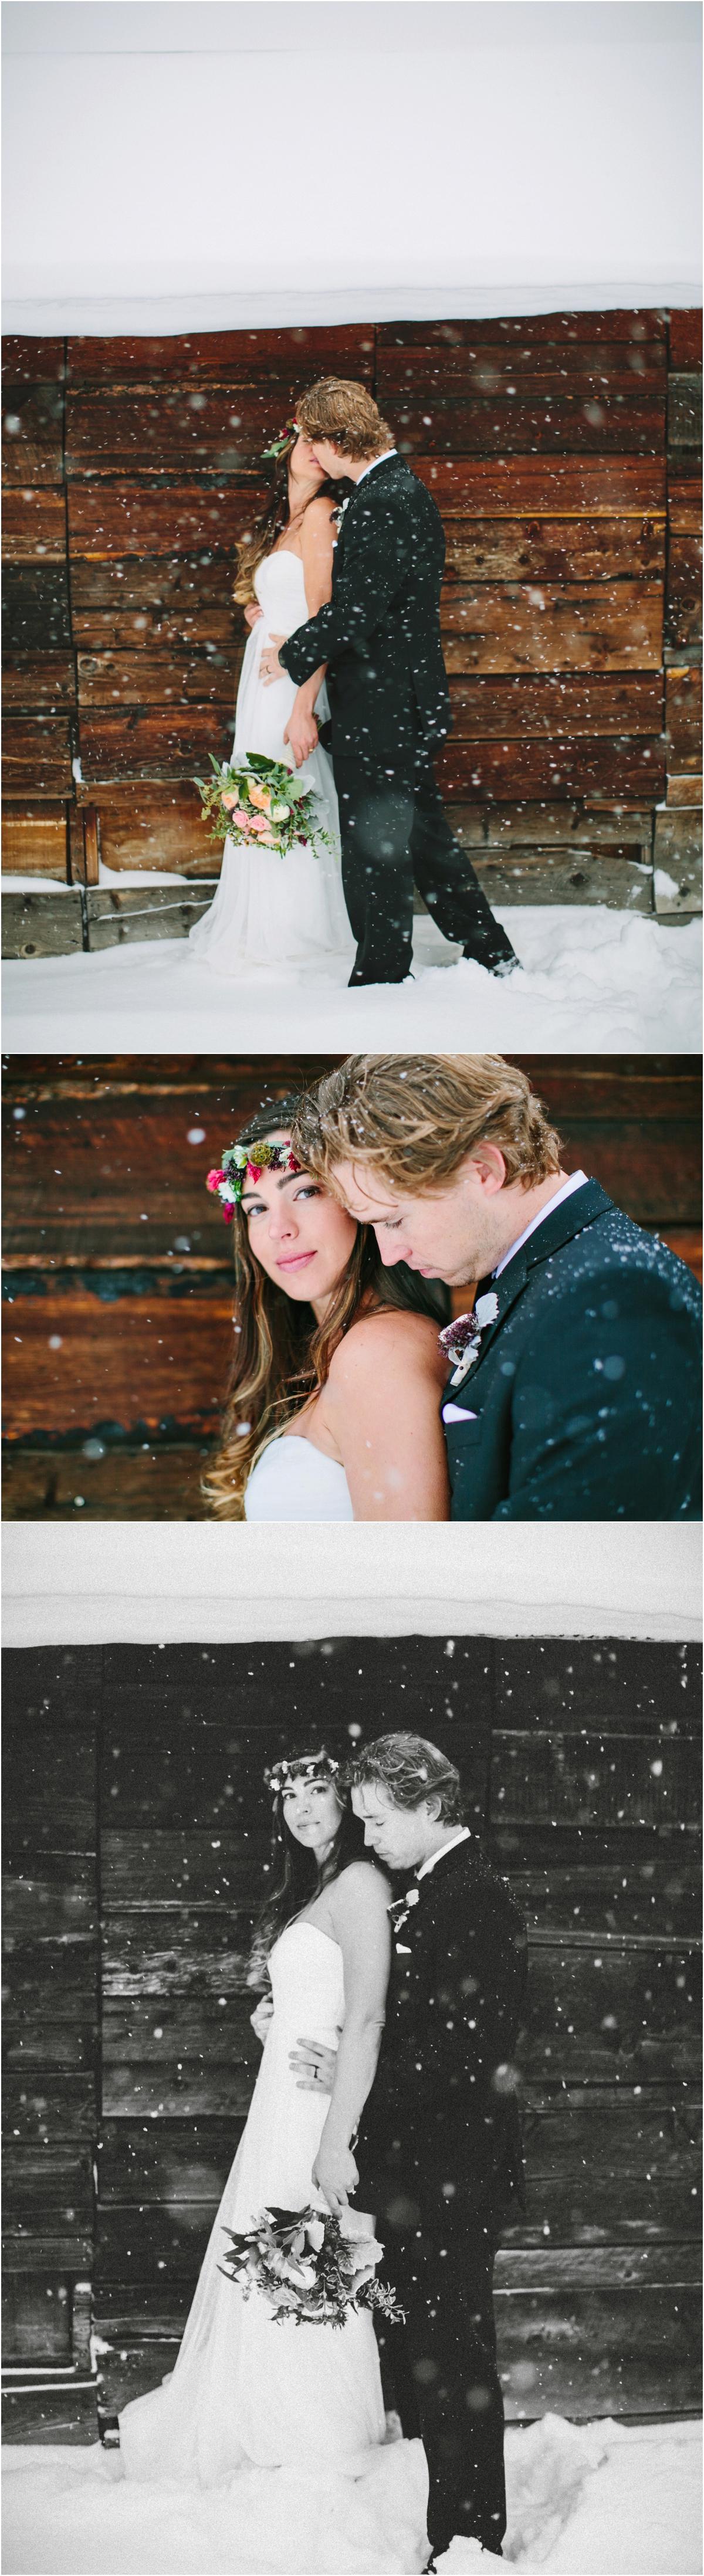 Breckinridge_Colorado_winter_wedding_elopment_0012